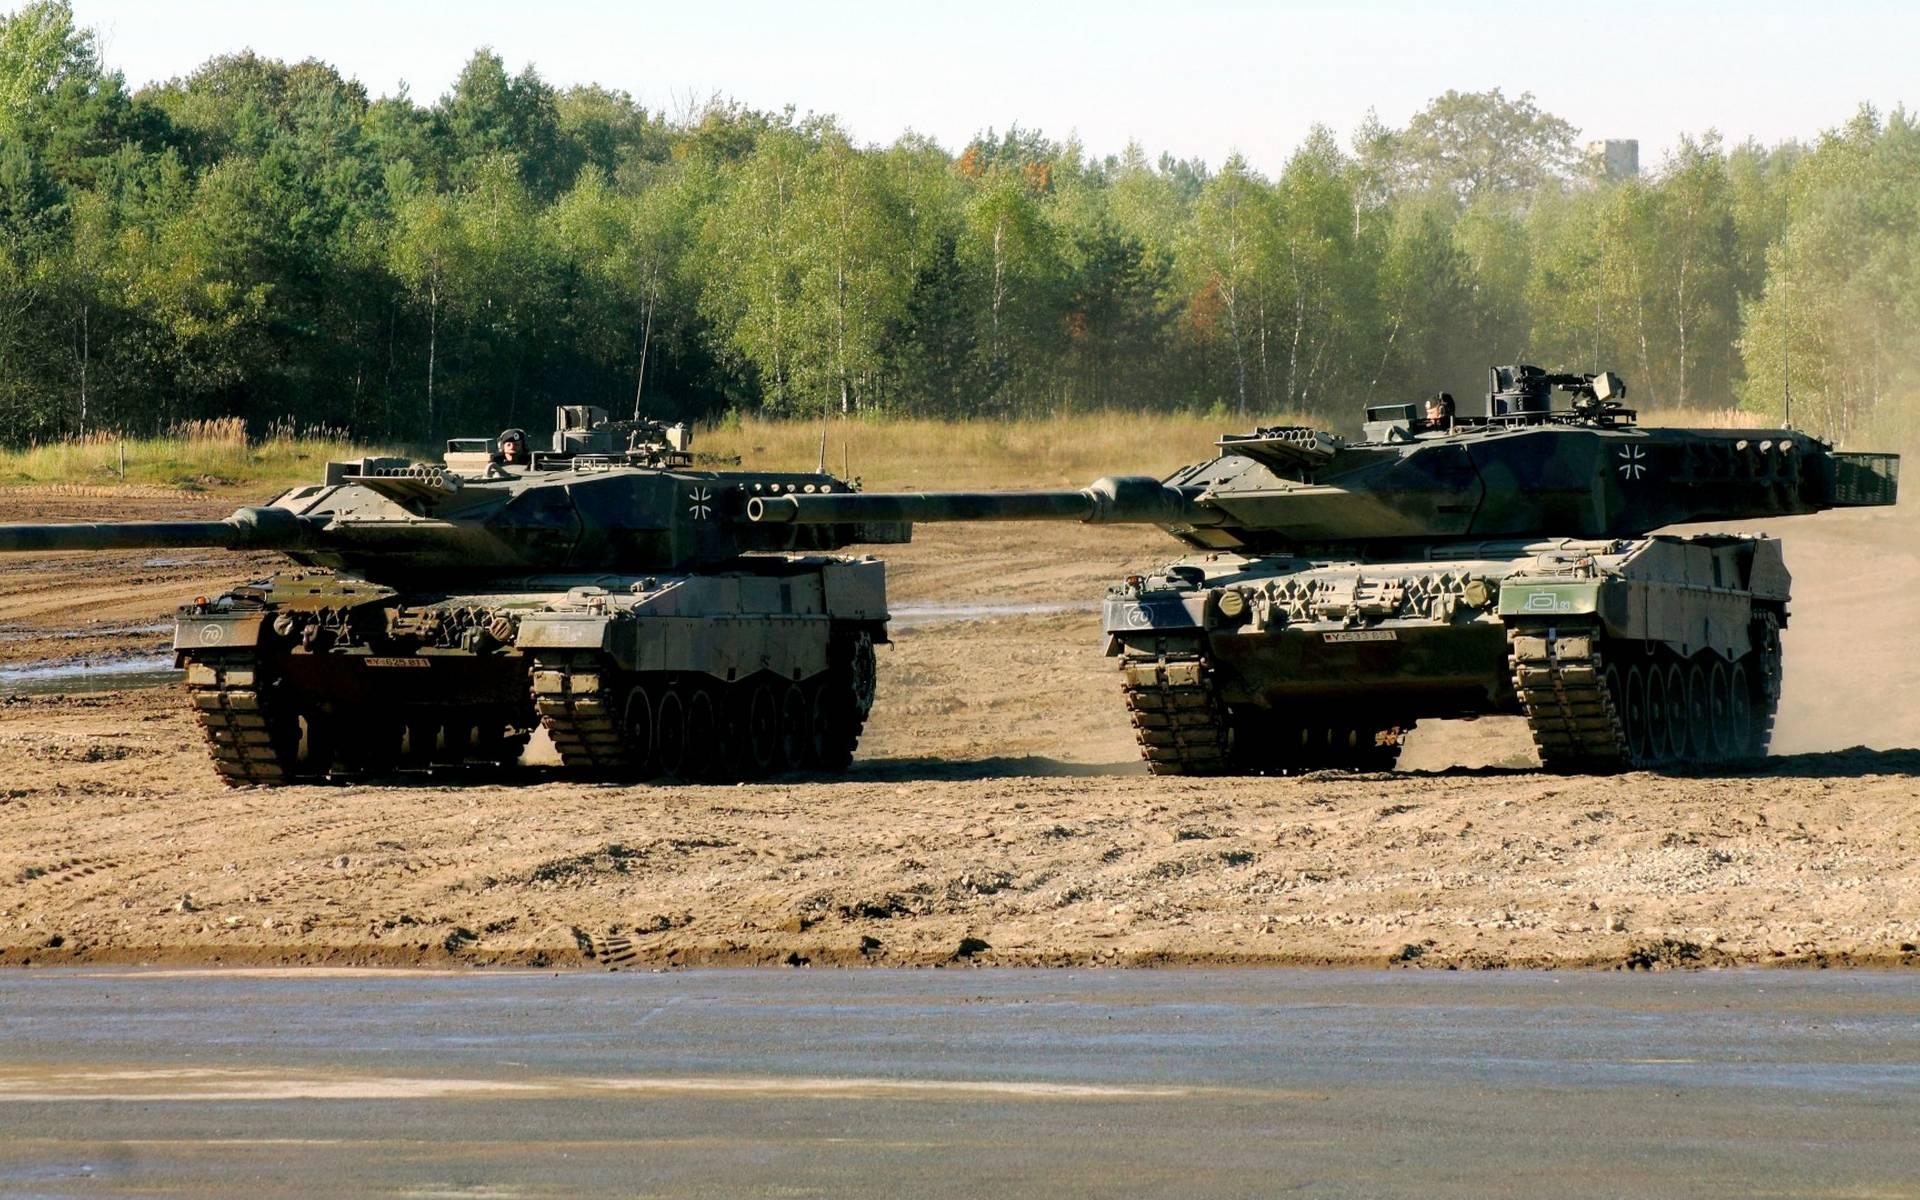 обои танки, башни, пушки, броня картинки фото